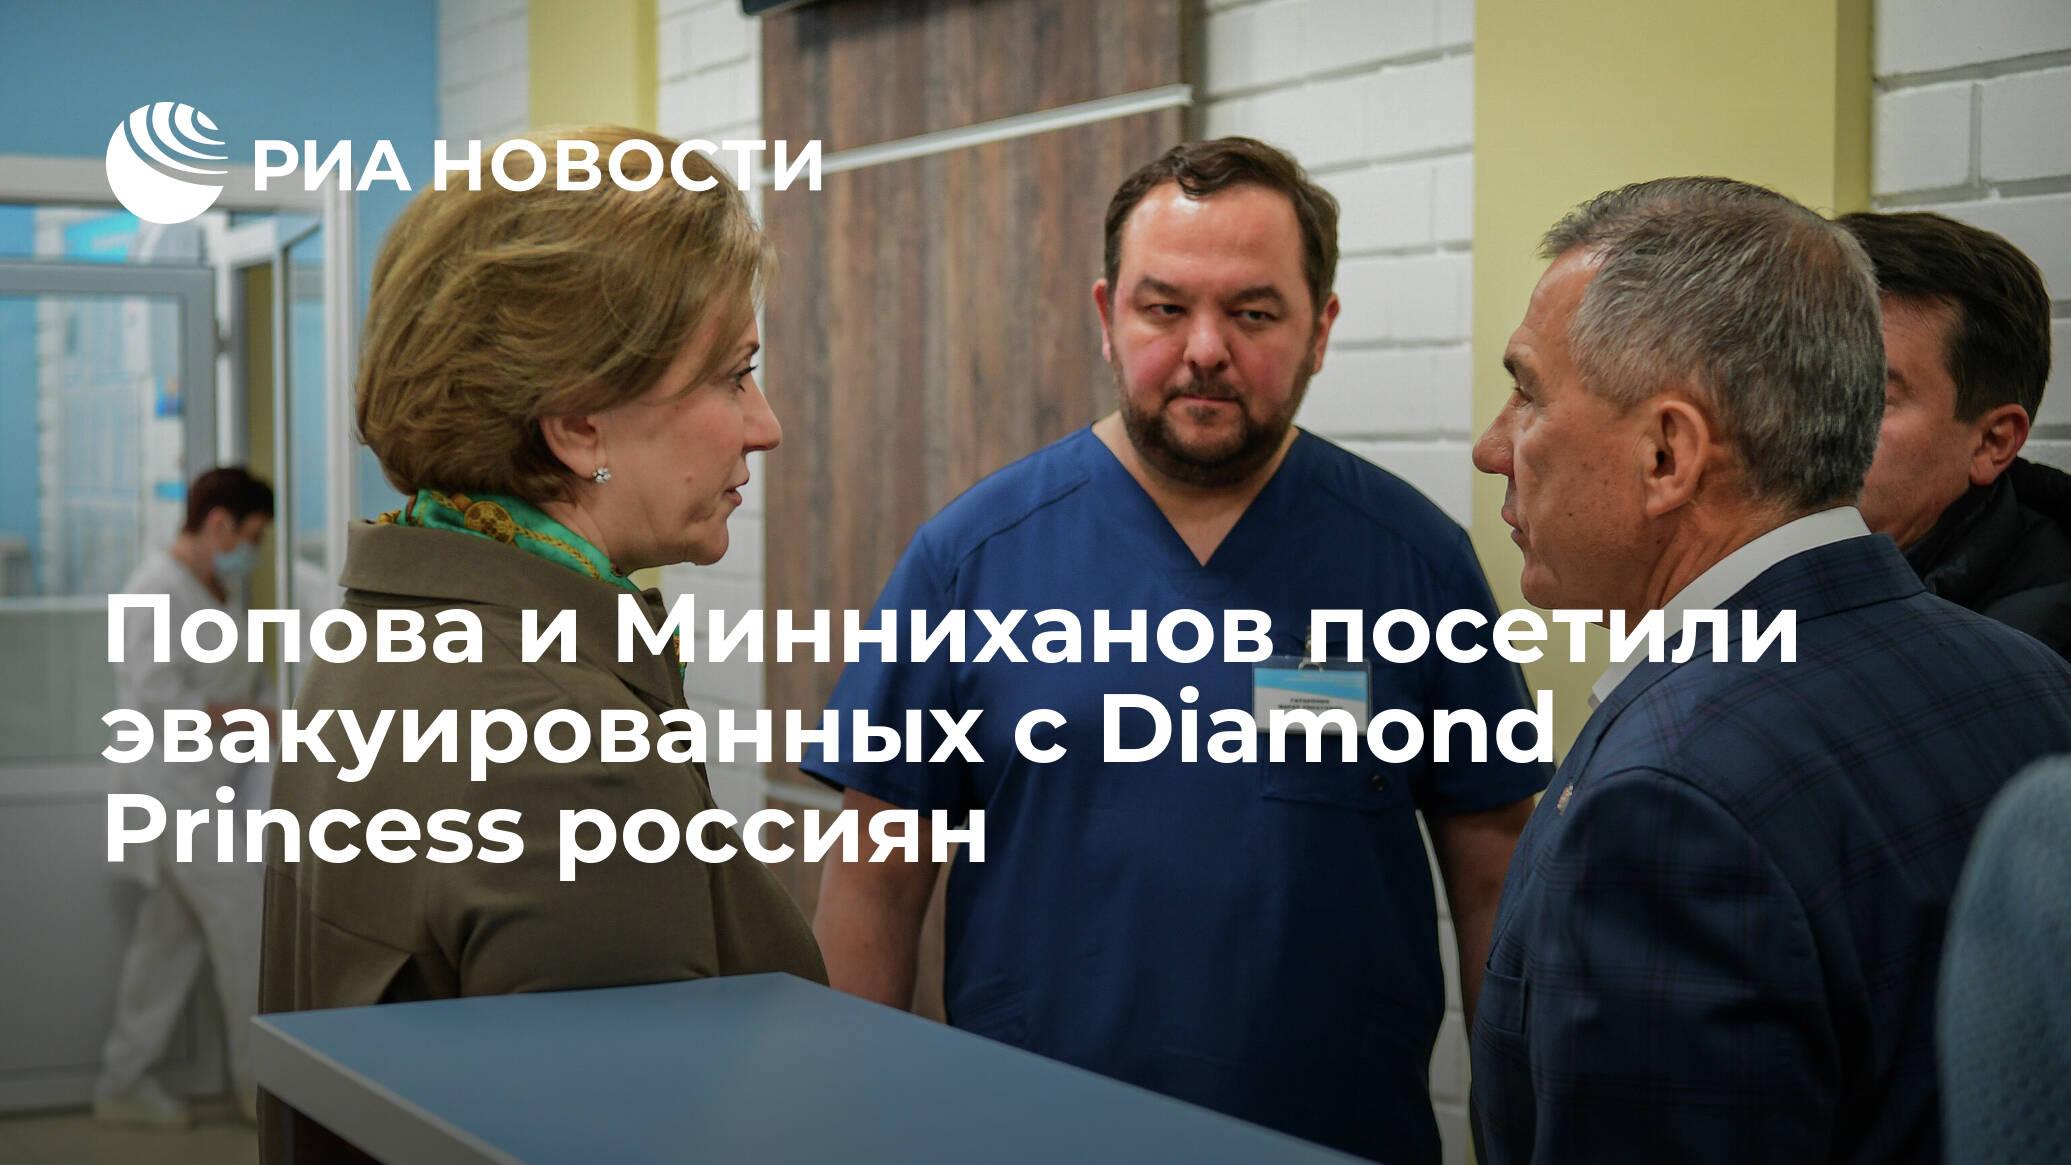 Попова и Минниханов посетили больницу, где поместили россиян из Японии